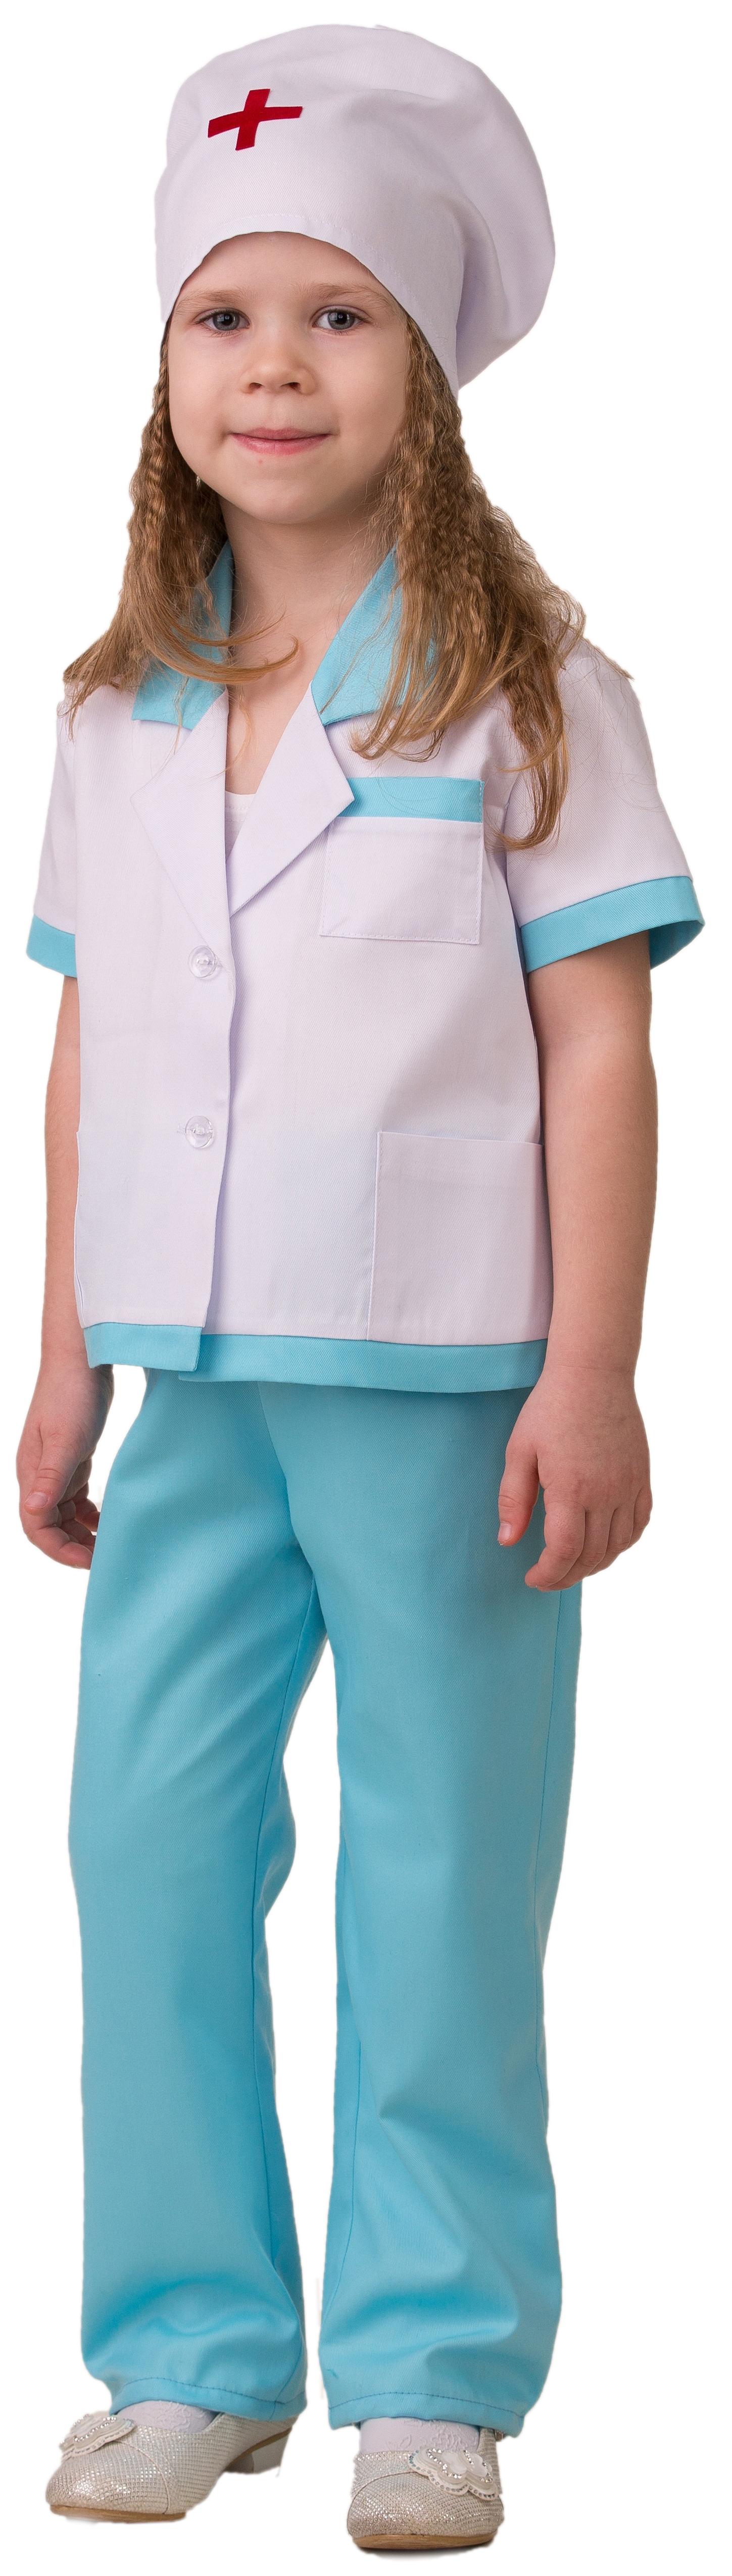 Костюм девочки доктора (26) -  Медсестры